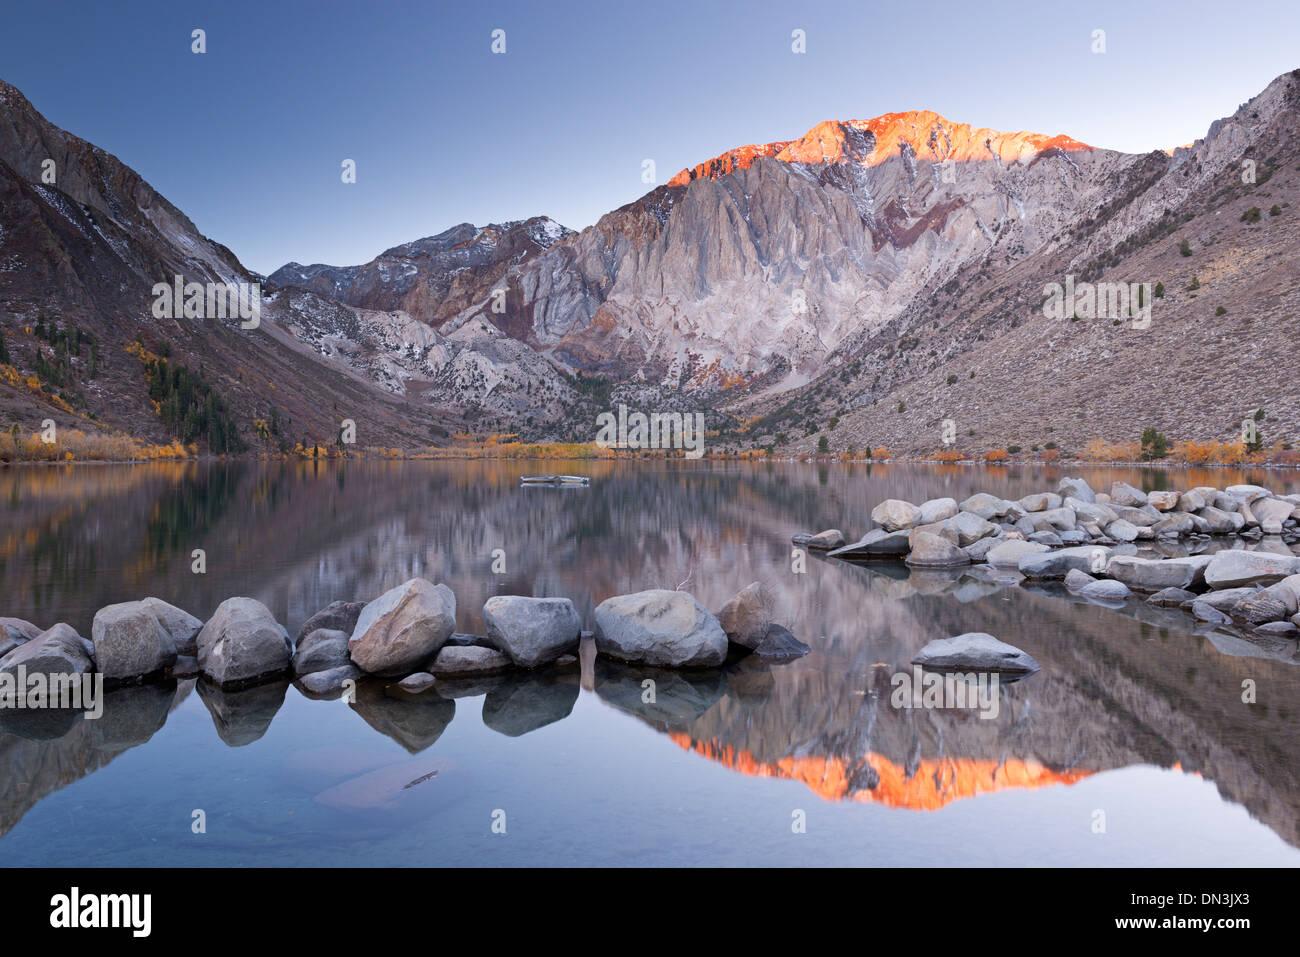 Sonnenaufgang am Convict Lake in der östlichen Sierra Mountains, Kalifornien, USA. Herbst (Oktober) 2013. Stockbild